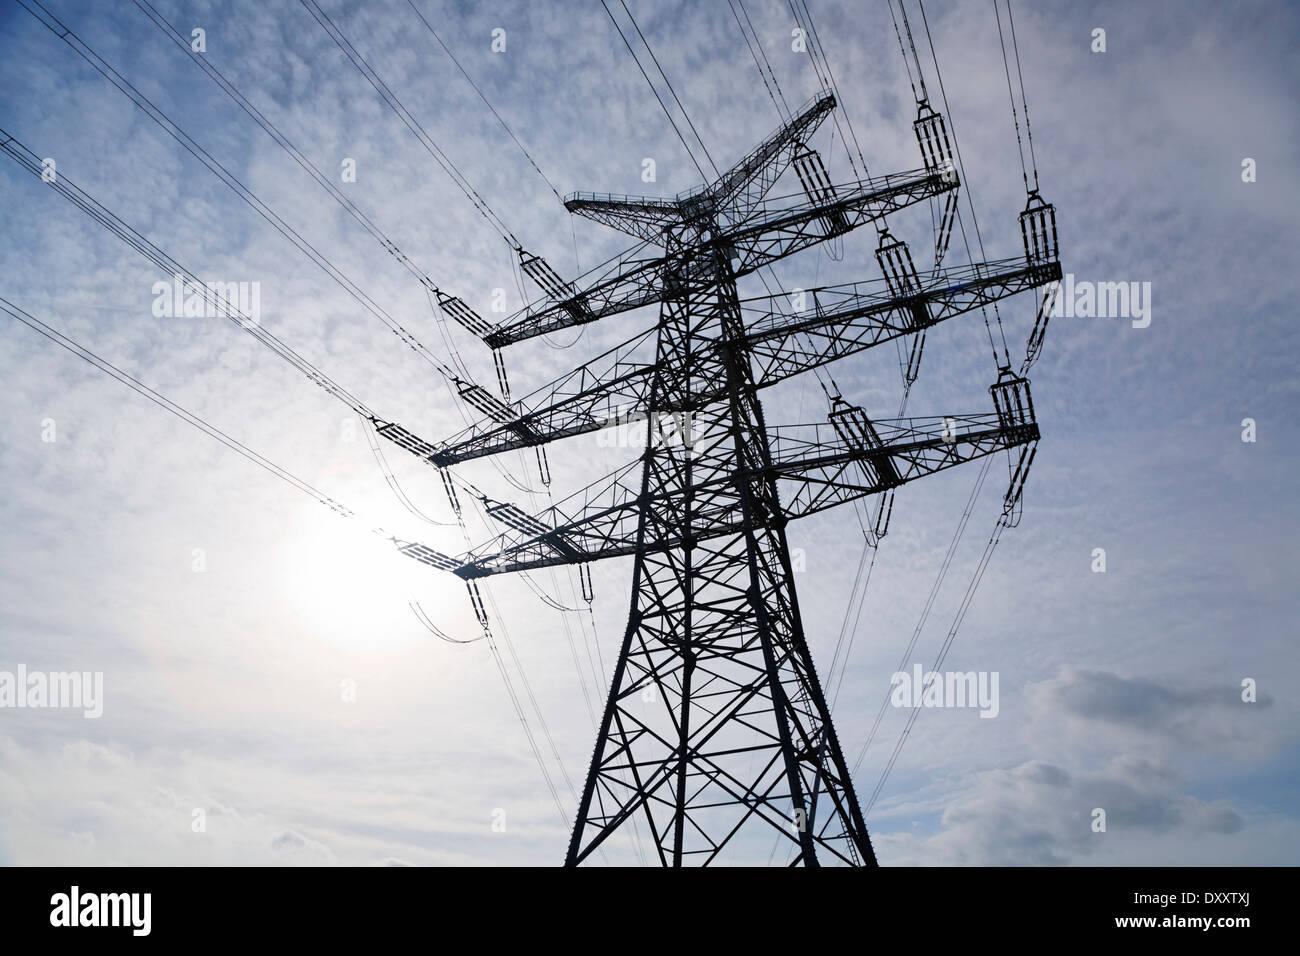 Germany, electricity pylons, power lines, Deutschland, Strommasten, Hochspannungsleitungen Stock Photo